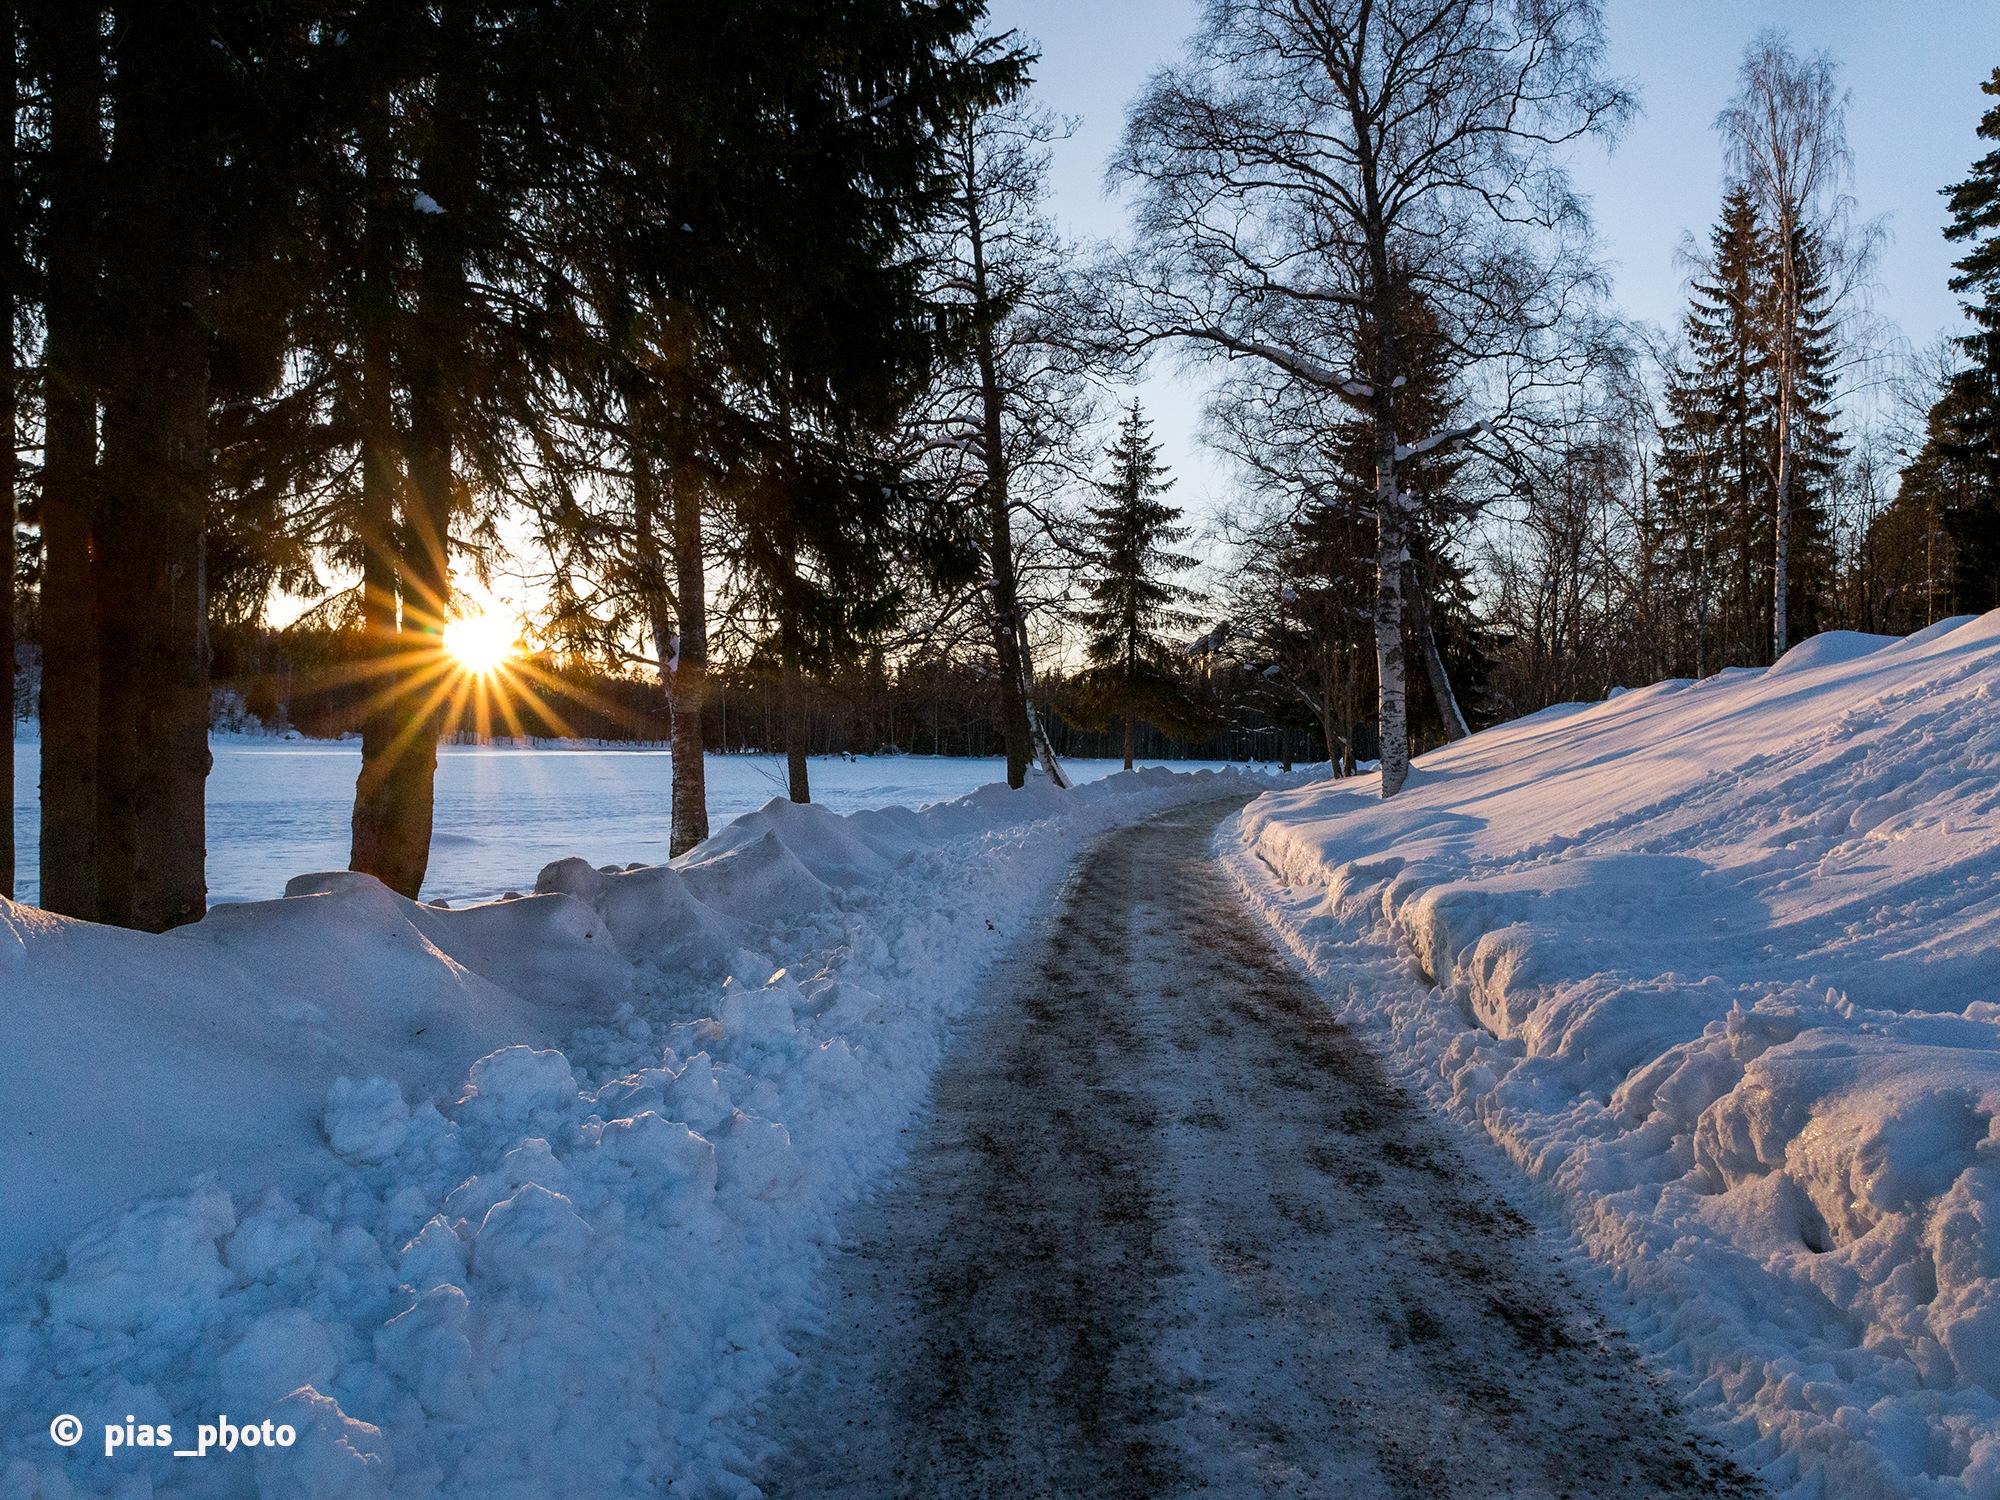 Kvällssol igår kväll vid Hammardammen by pias_photo